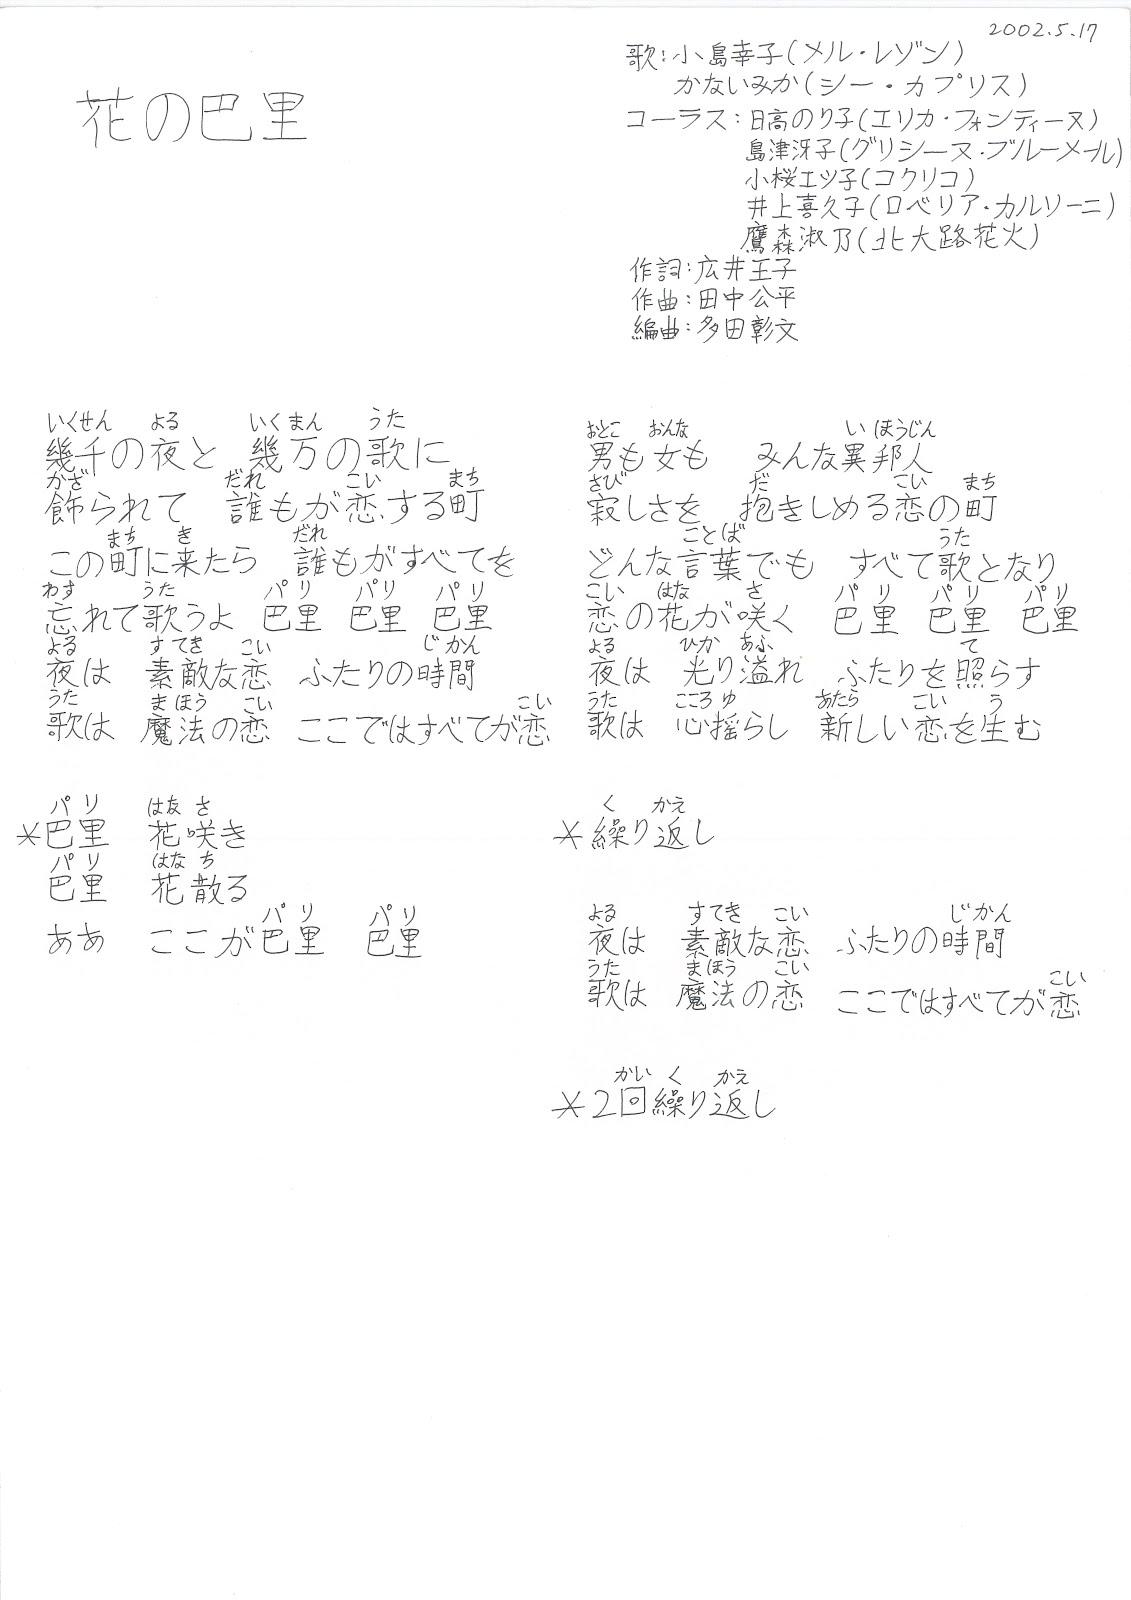 夢想與創造: [日文歌詞] 花の巴里